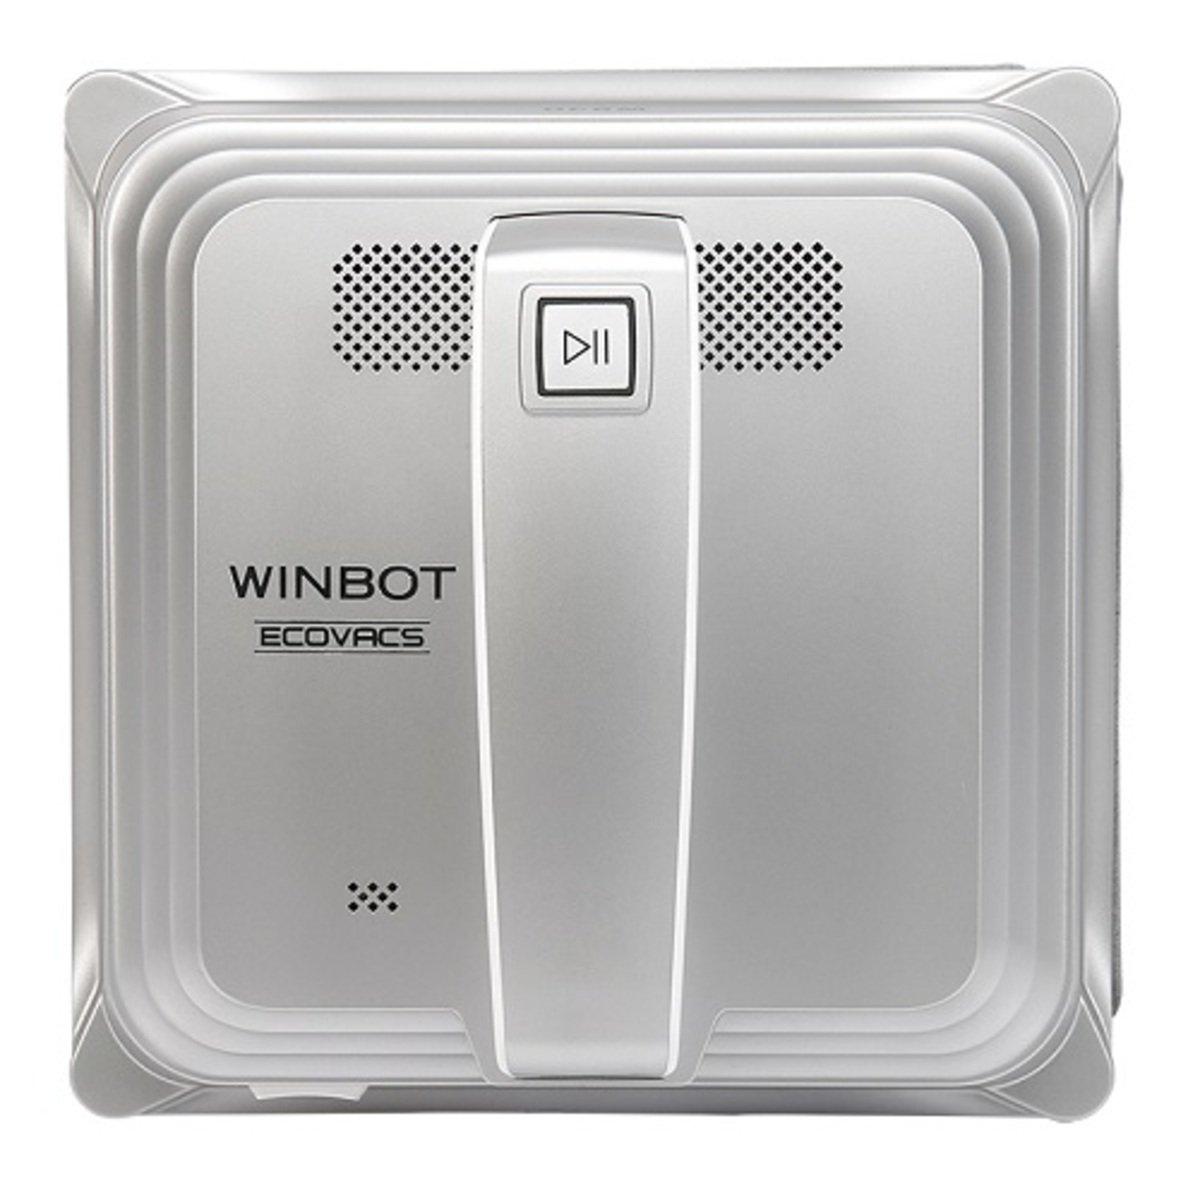 W830 多介面吸附抹窗機械人